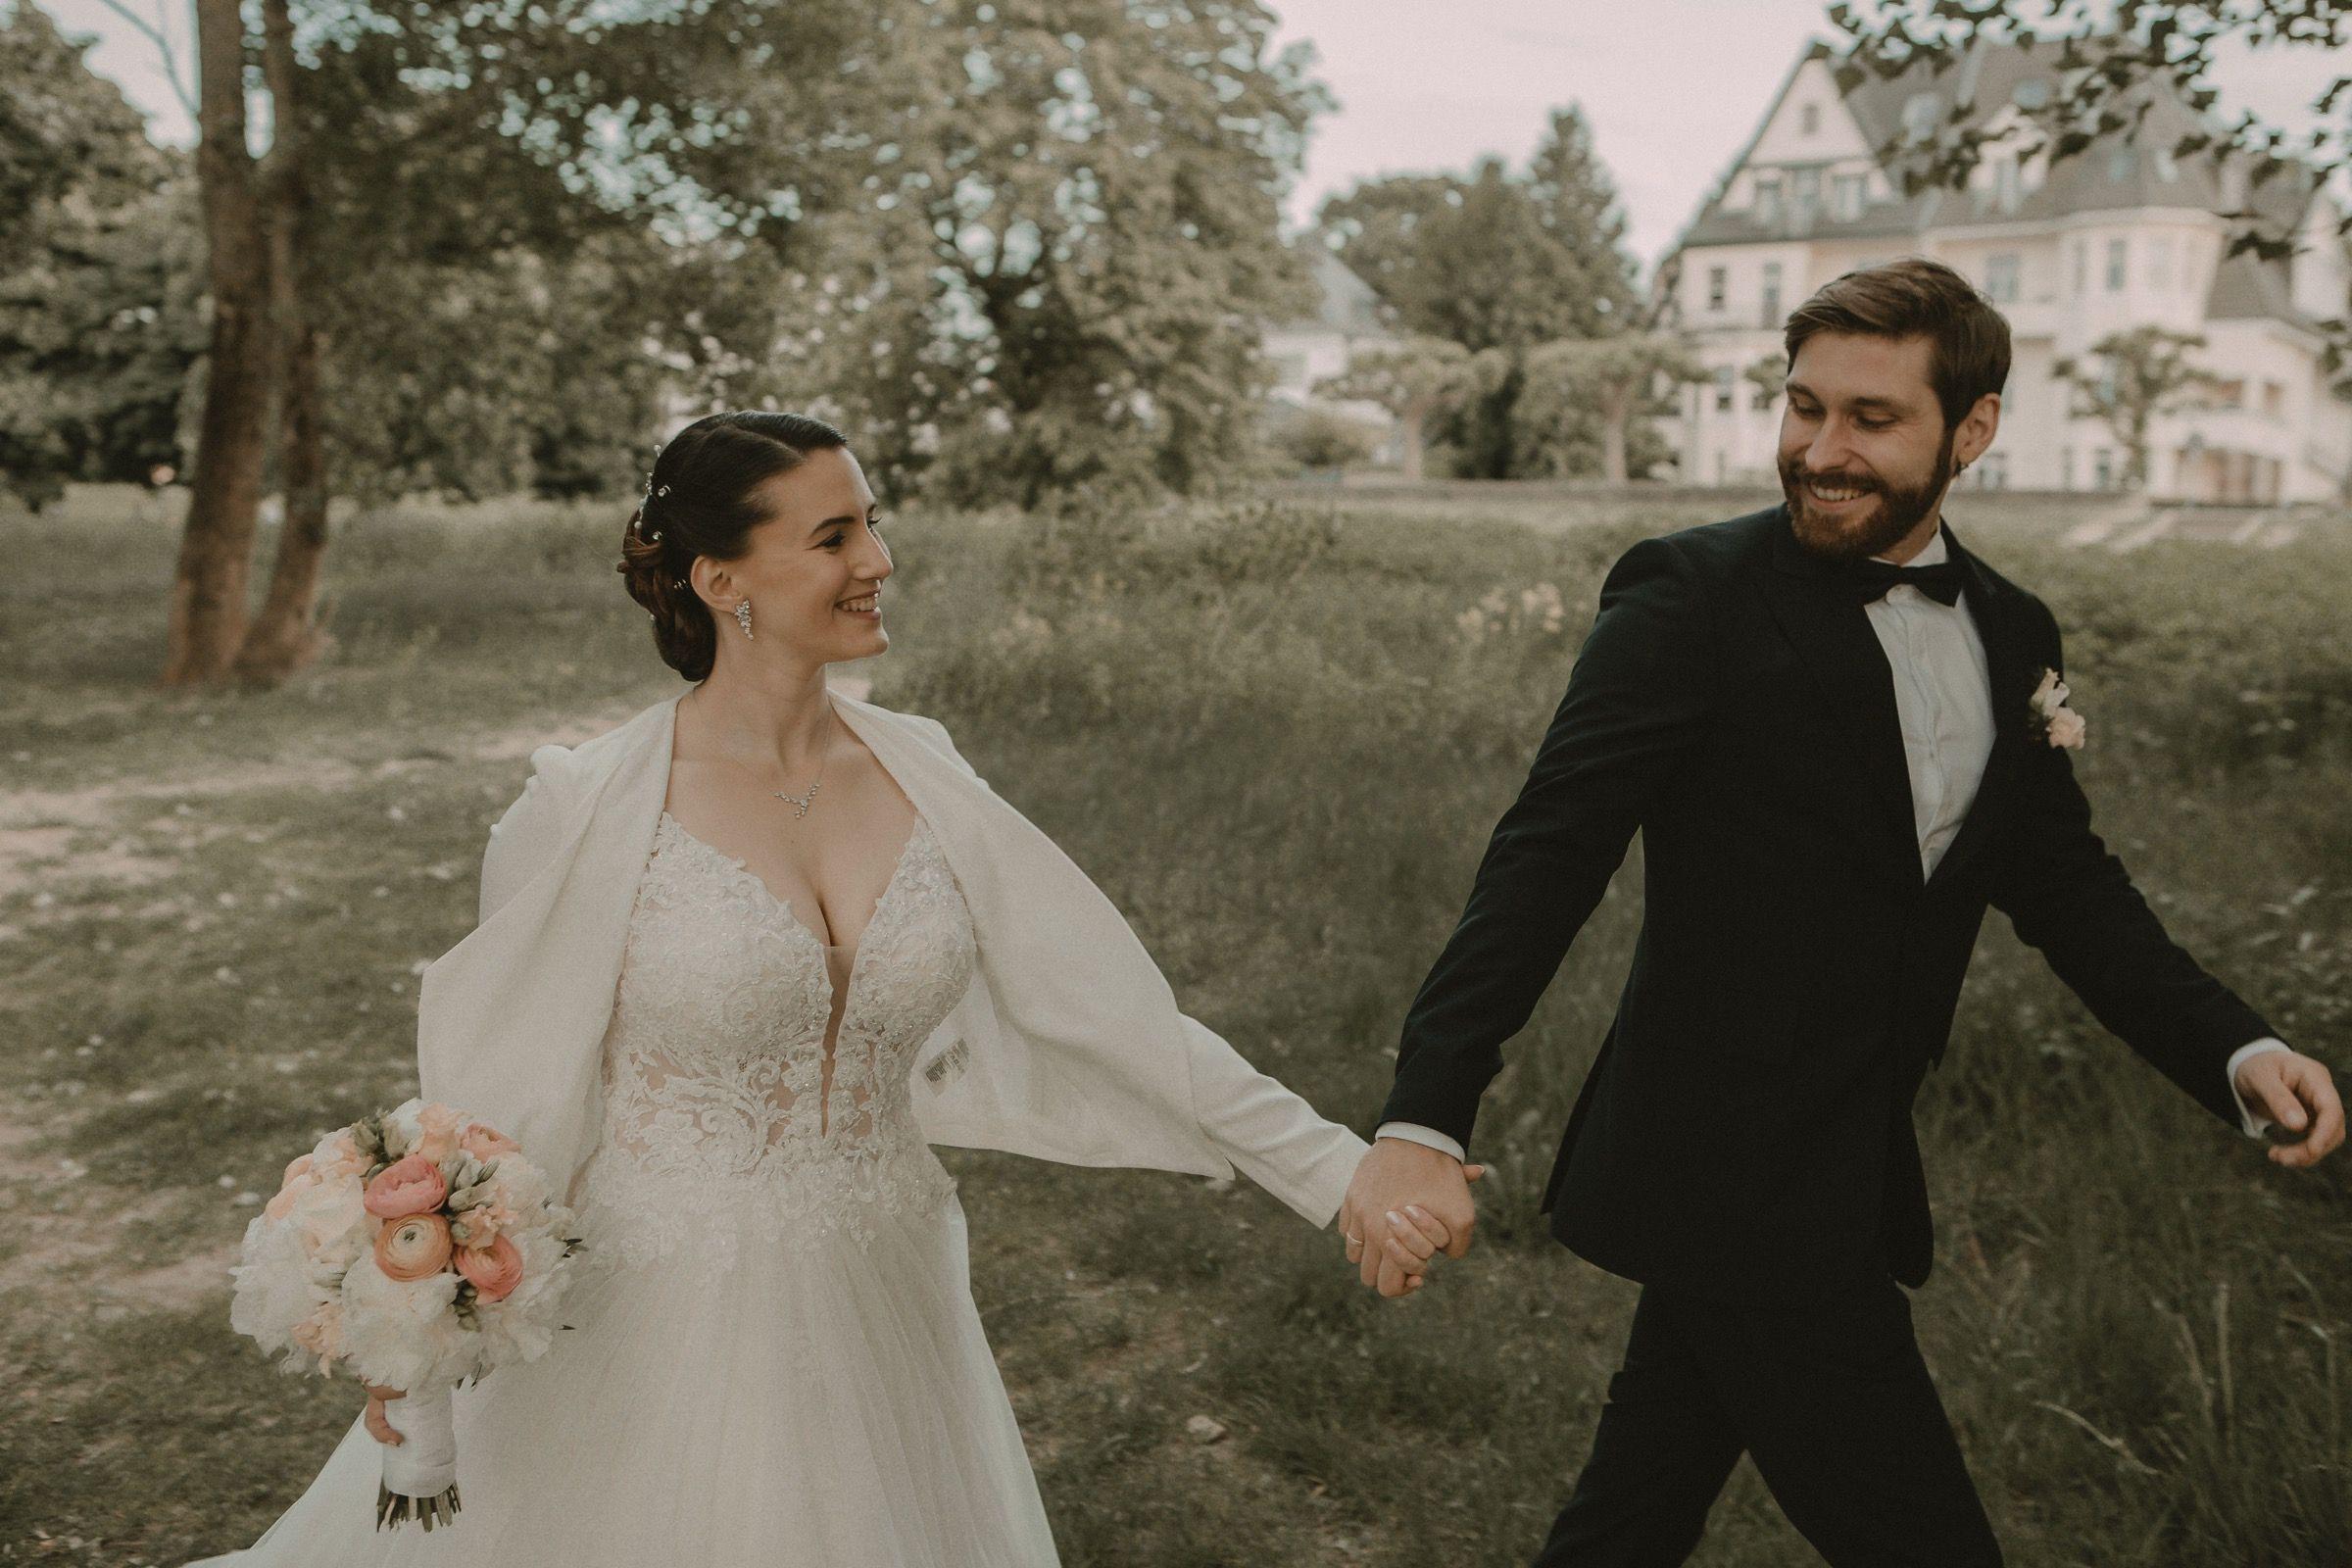 Heiraten In Zeiten Von Corona Nrw Koln In 2020 Heiraten Standesamtliche Trauung Hochzeit Schloss